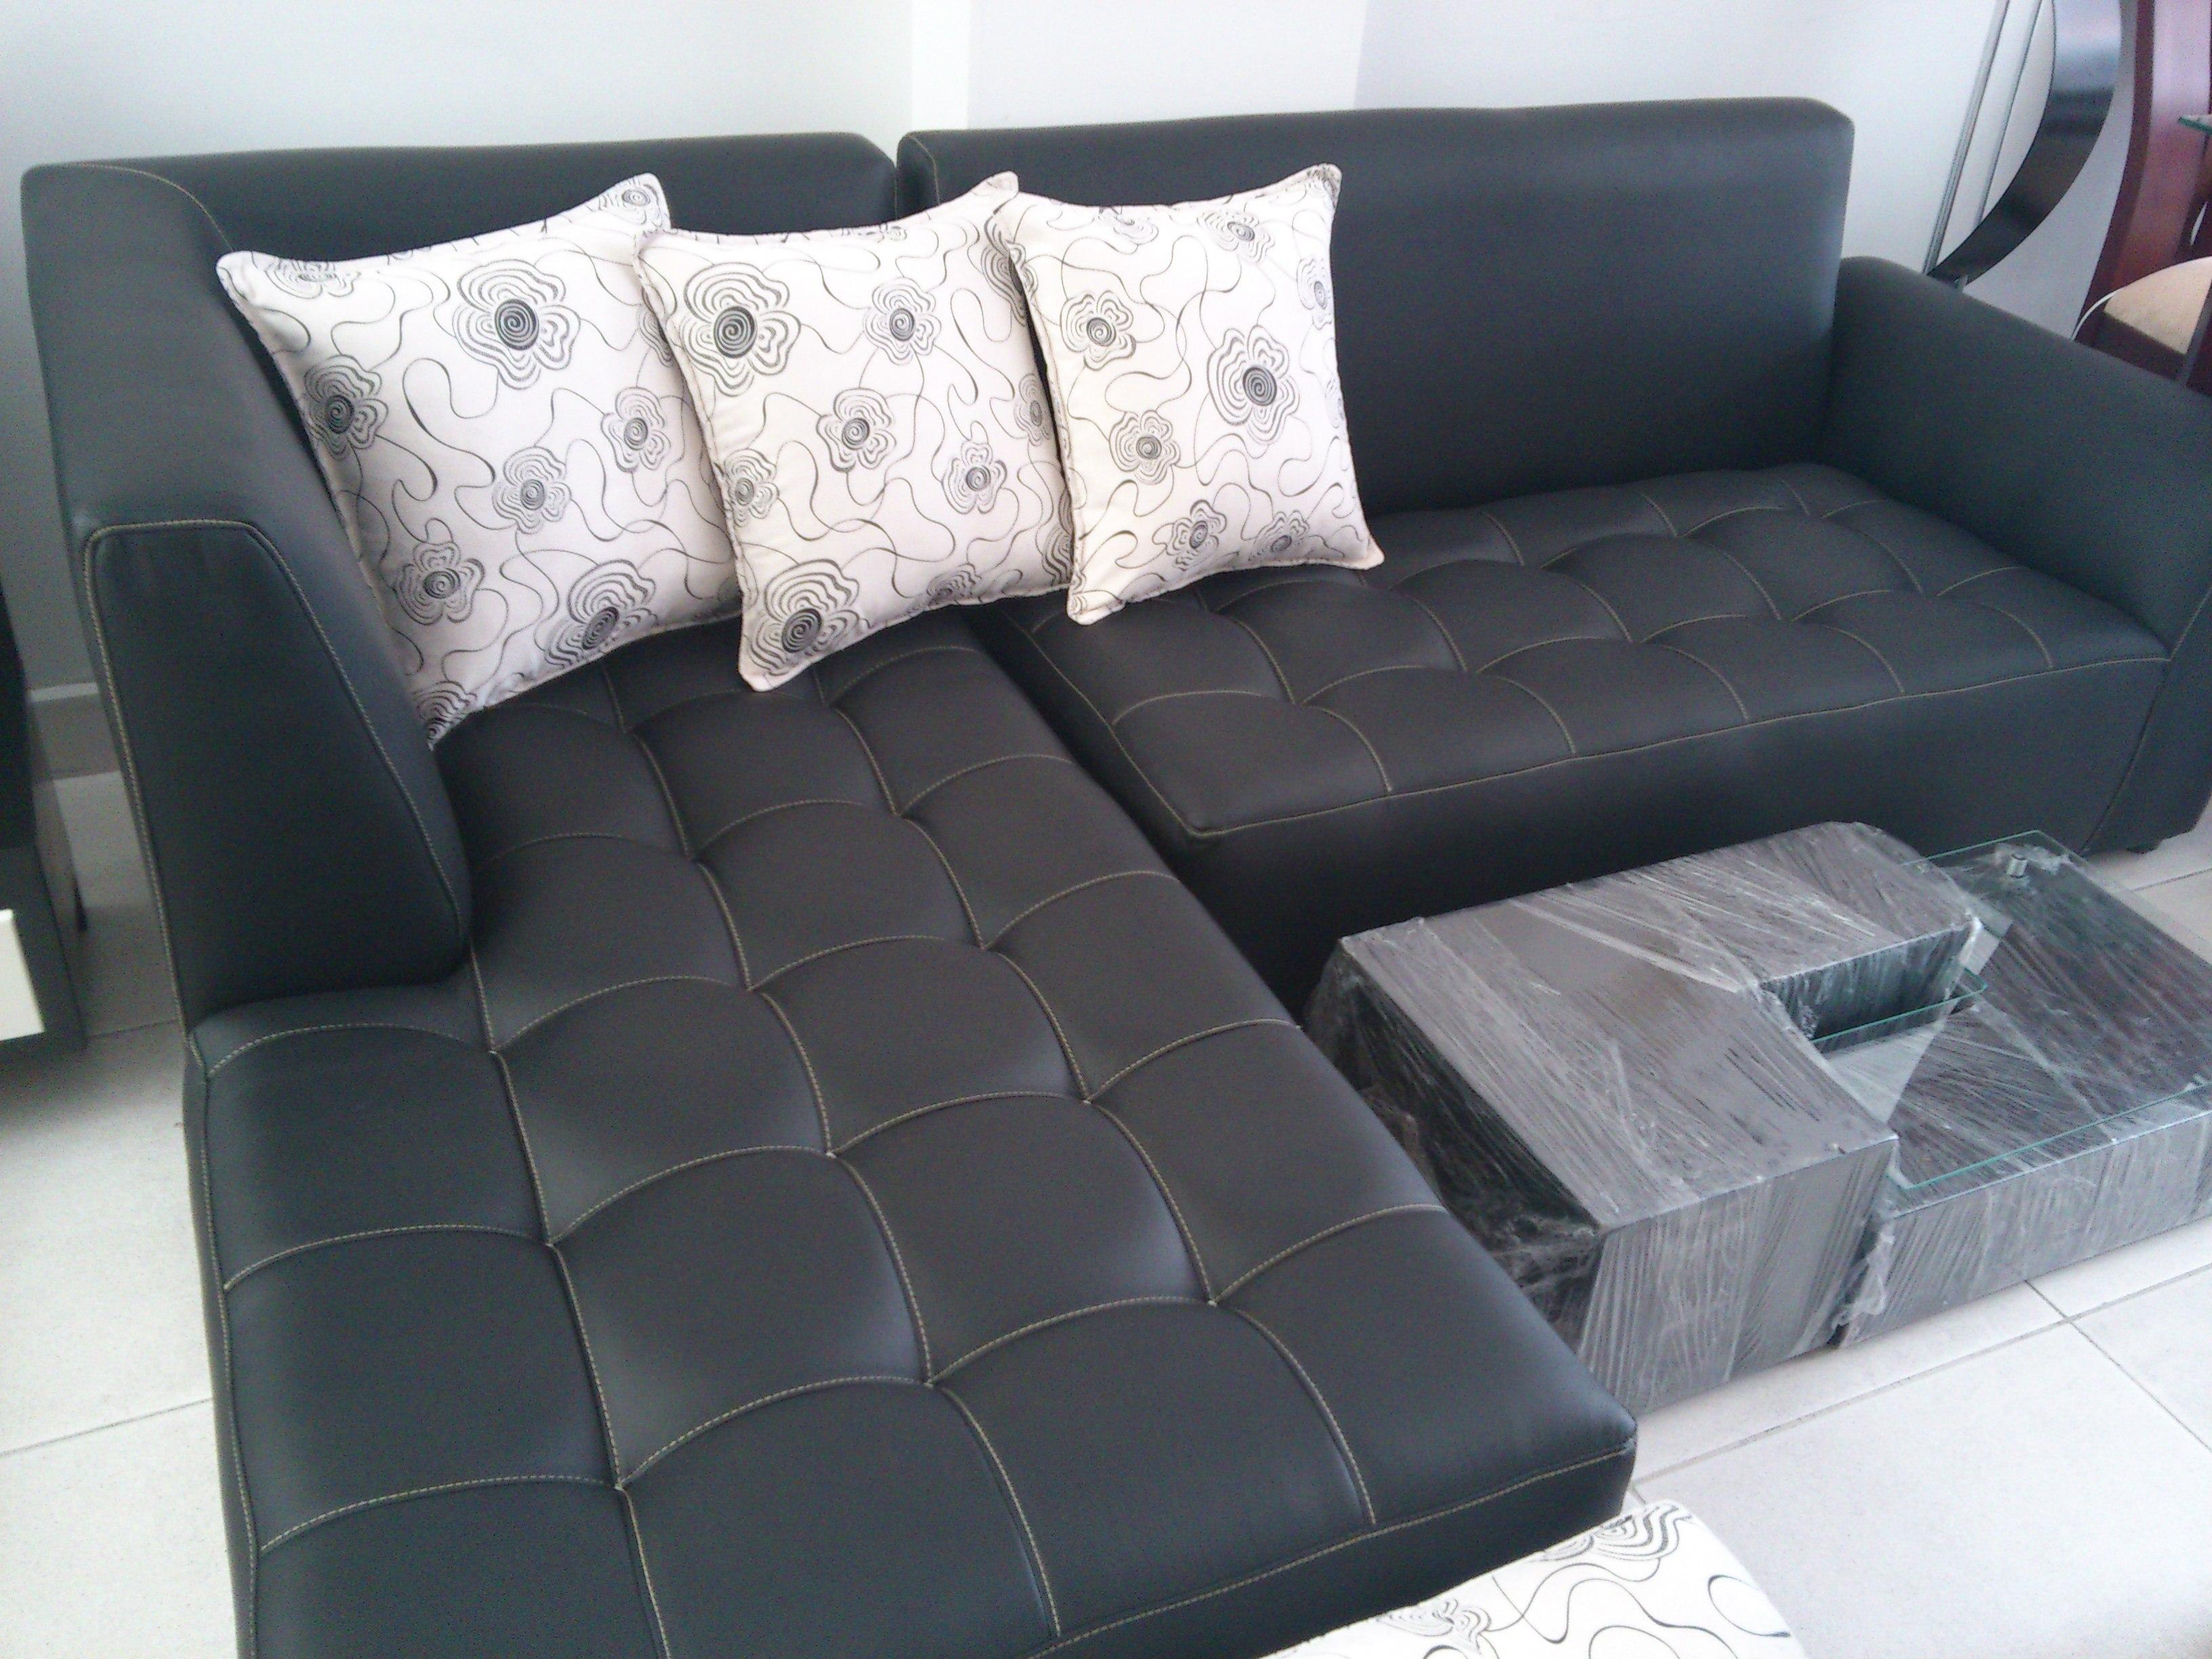 Venta muebles hogar deko economicos calidad fabric for Muebles comedor baratos online